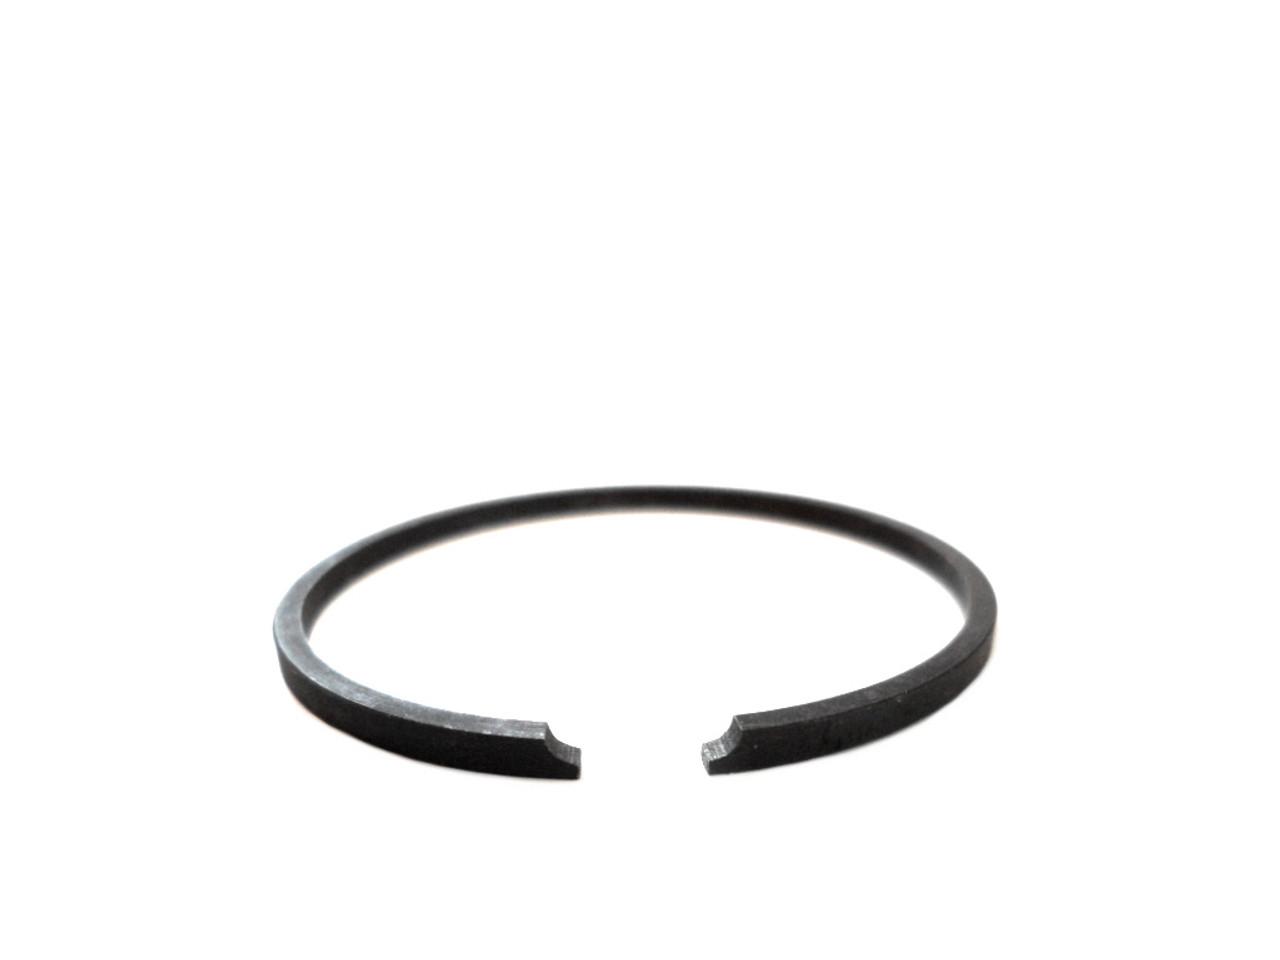 Motobecane AV7 / AV10 Moped Piston Ring - 39mm x 2mm FG Style